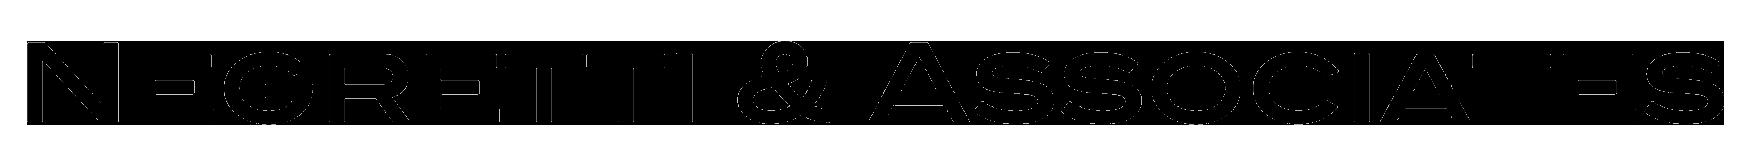 manatt law firm logo